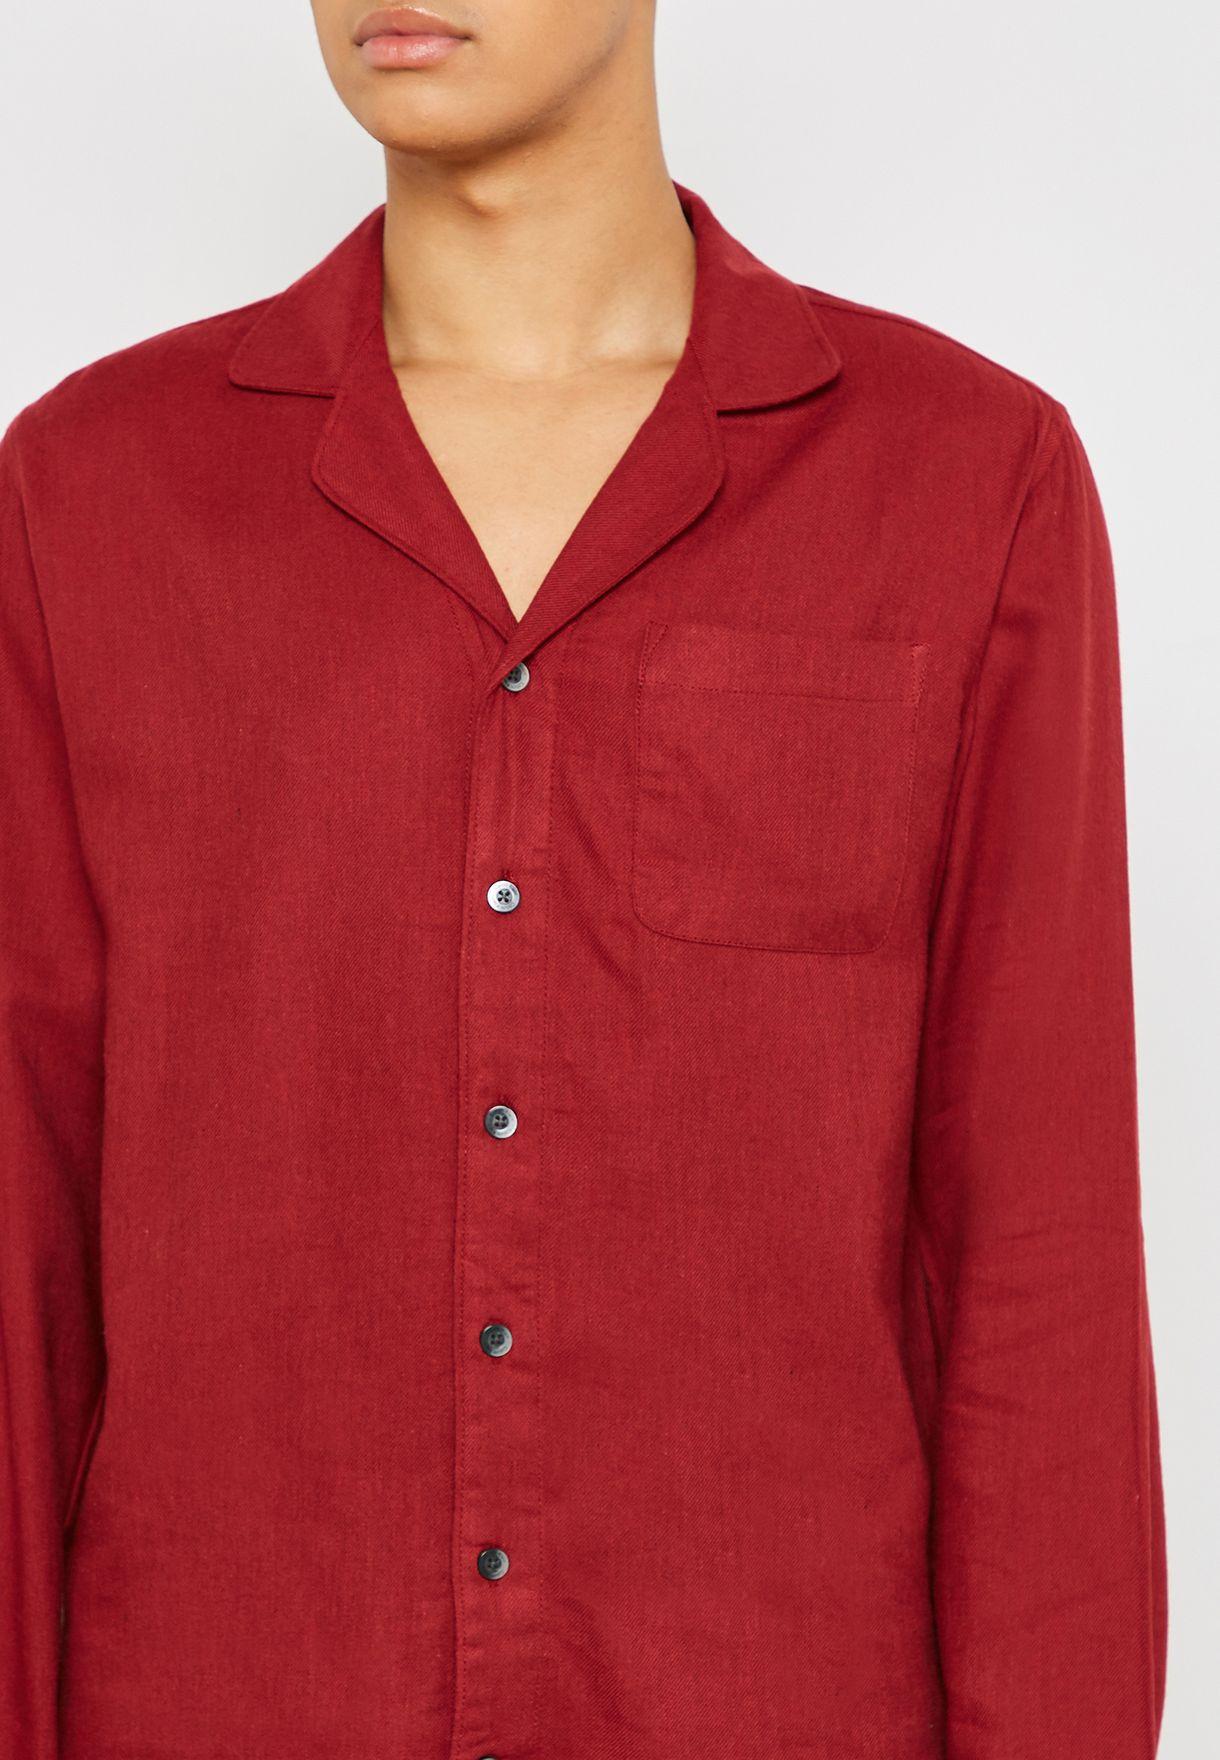 Essential Nightwear Shirt